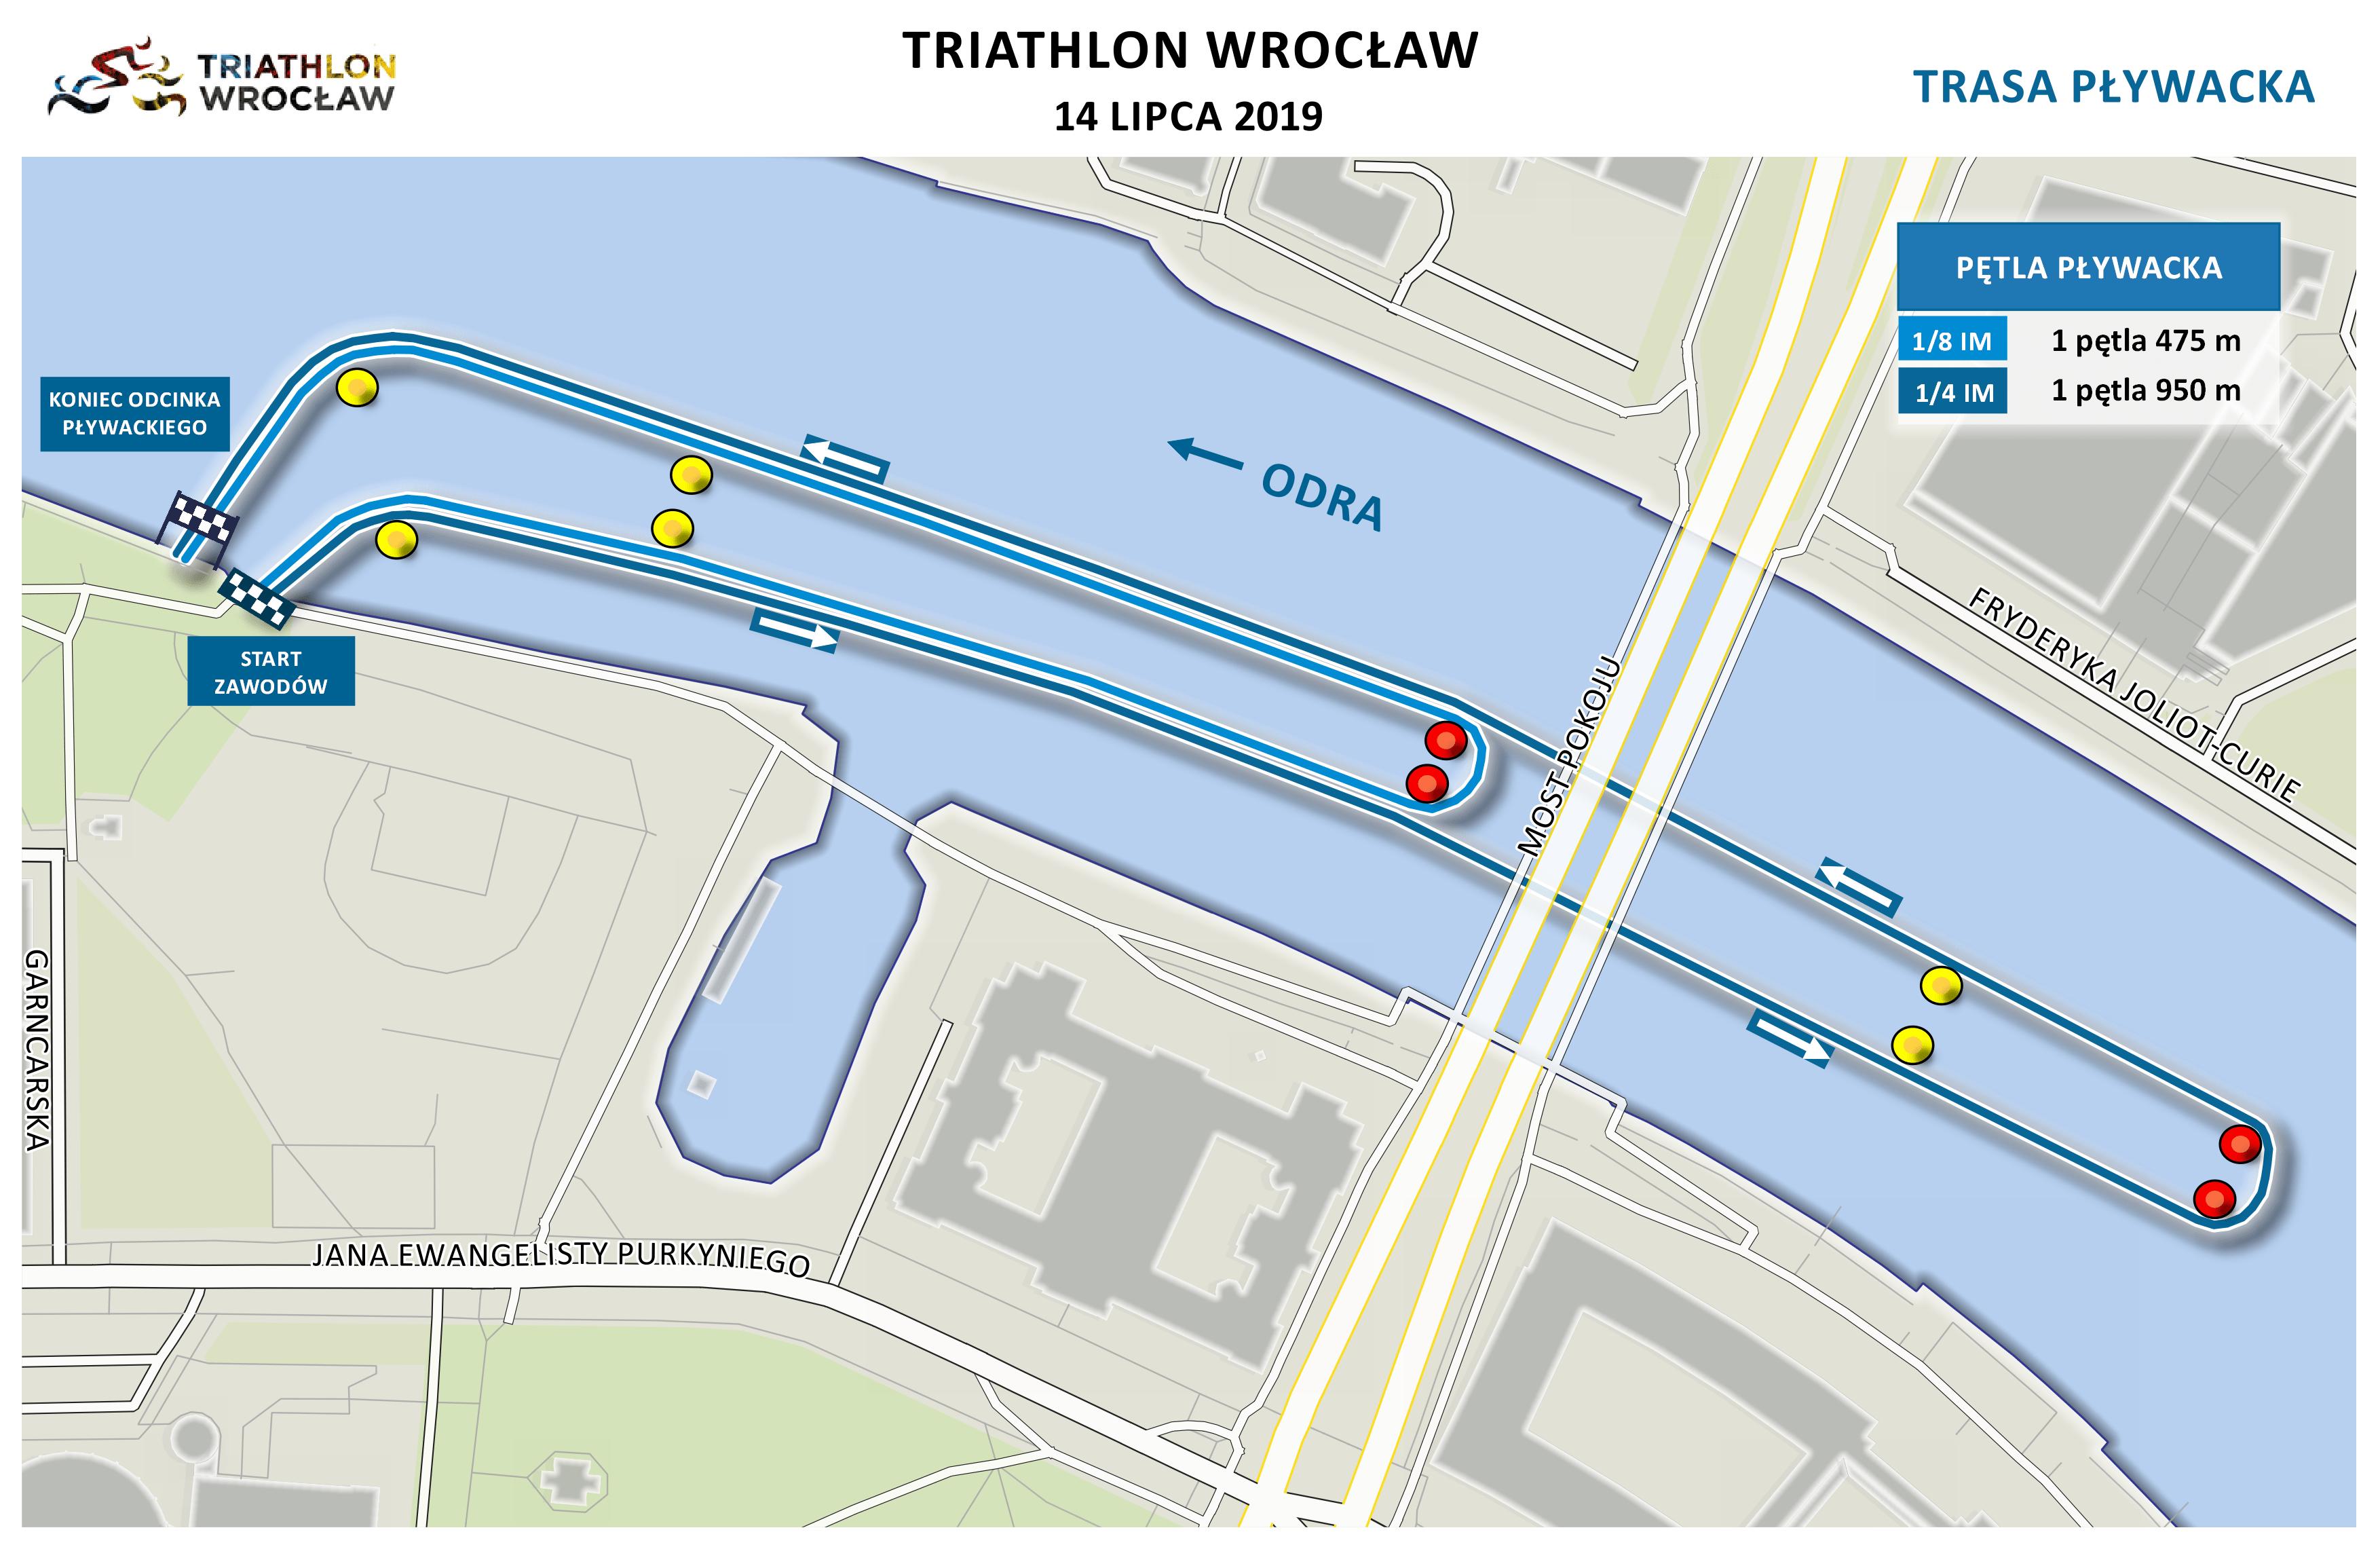 Mapa statyczna Triathlon Wrocław 2019 - pływanie